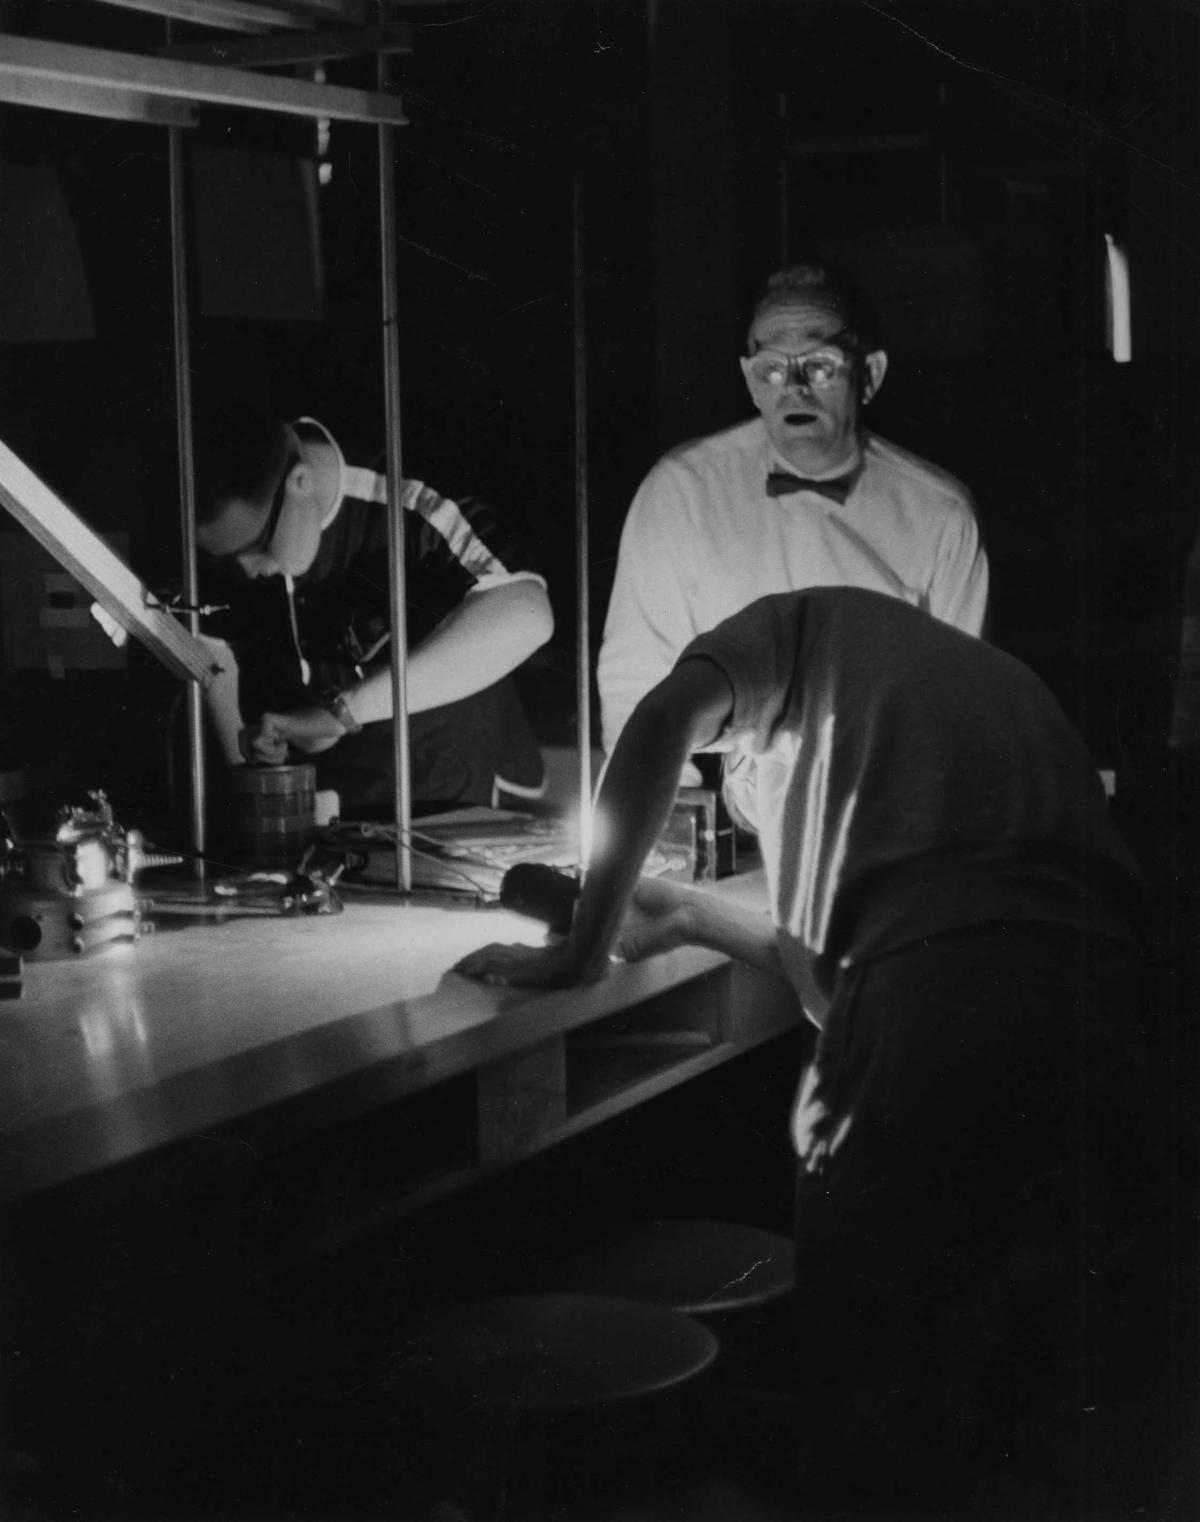 Thomas T. Goldsmith, lors d'une expérience de physique, dans les années 1960.